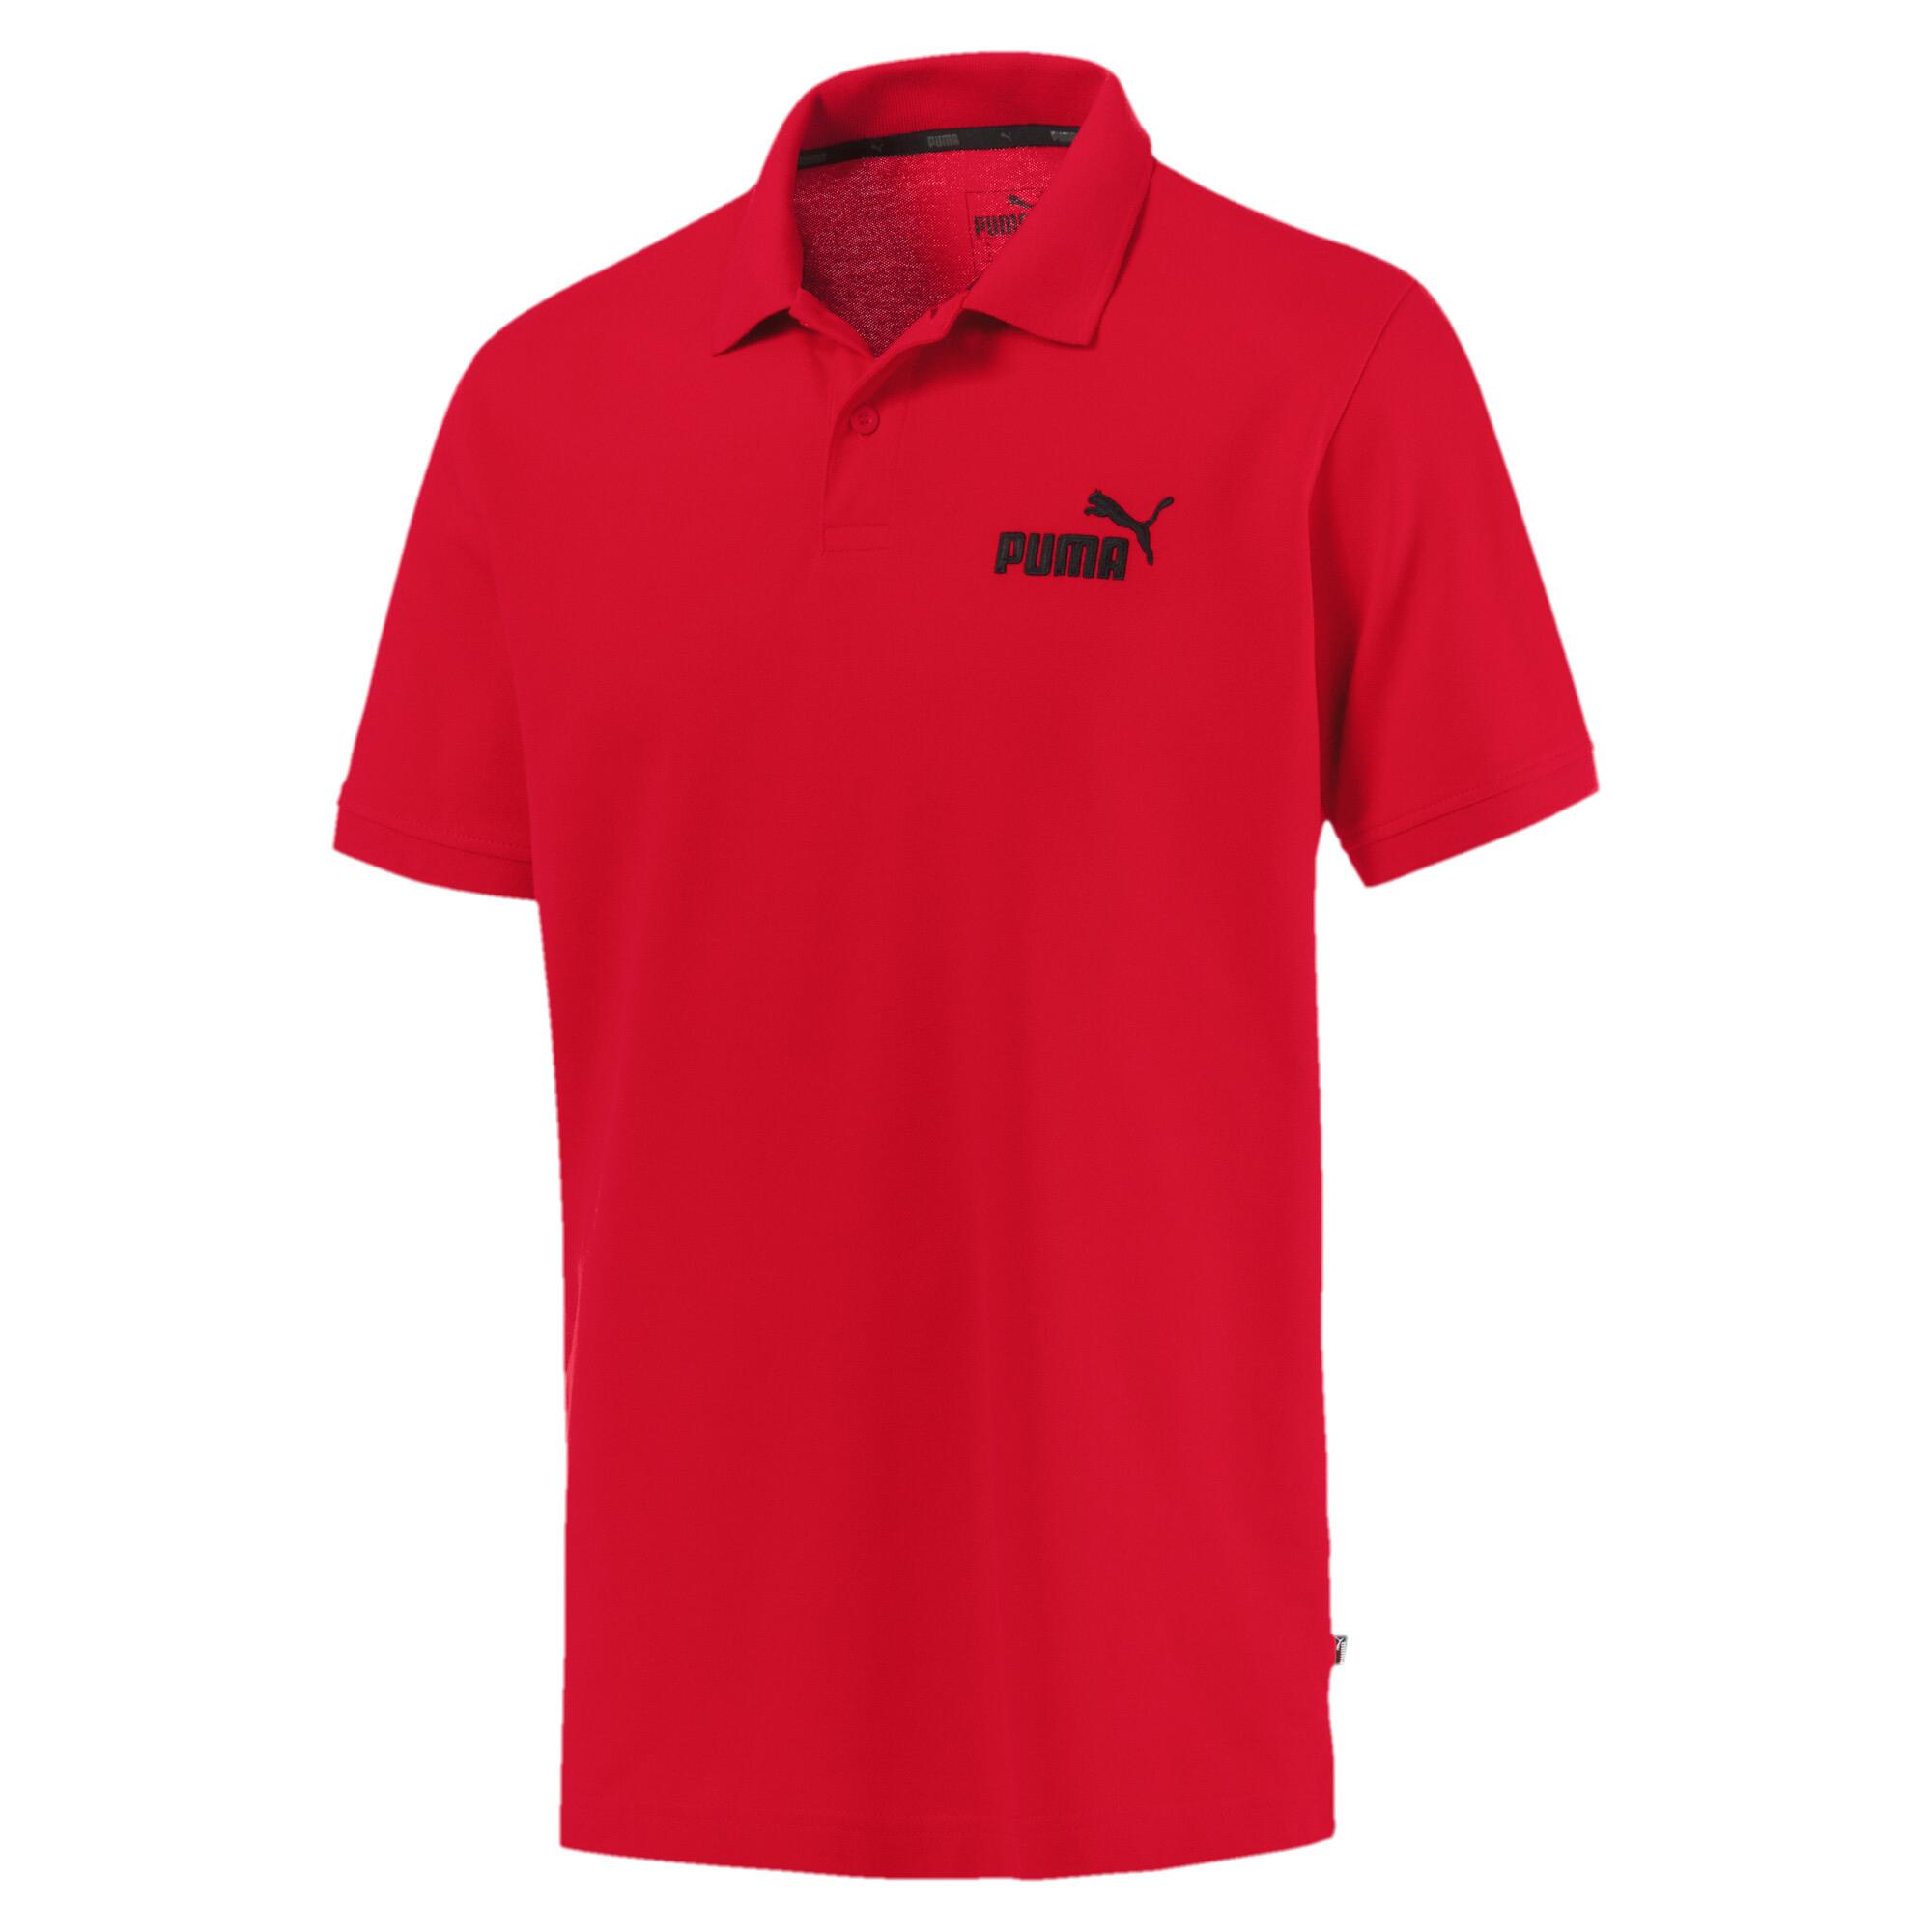 【プーマ公式通販】 プーマ ESS ポロシャツ (半袖) メンズ Puma Red |PUMA.com